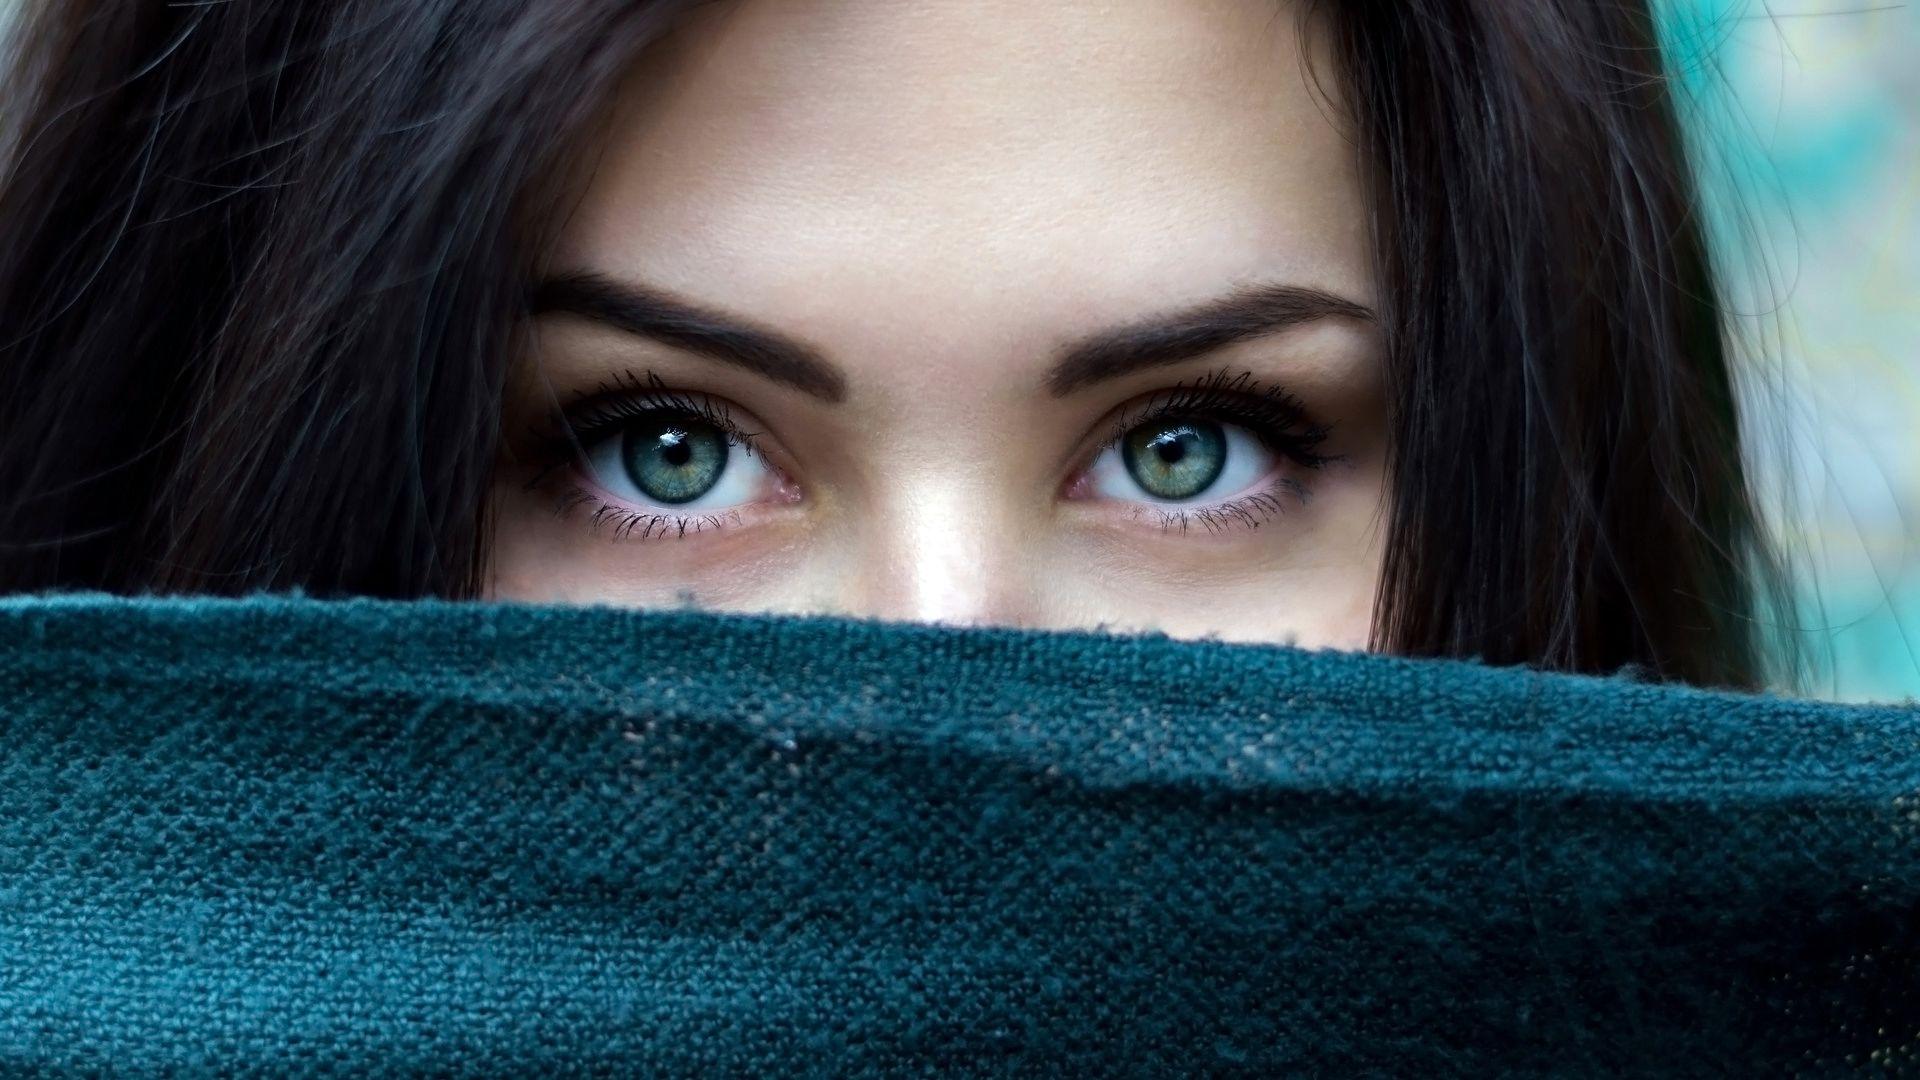 Le glaucome, cause majeure de cécité irréversible [Vidéos]